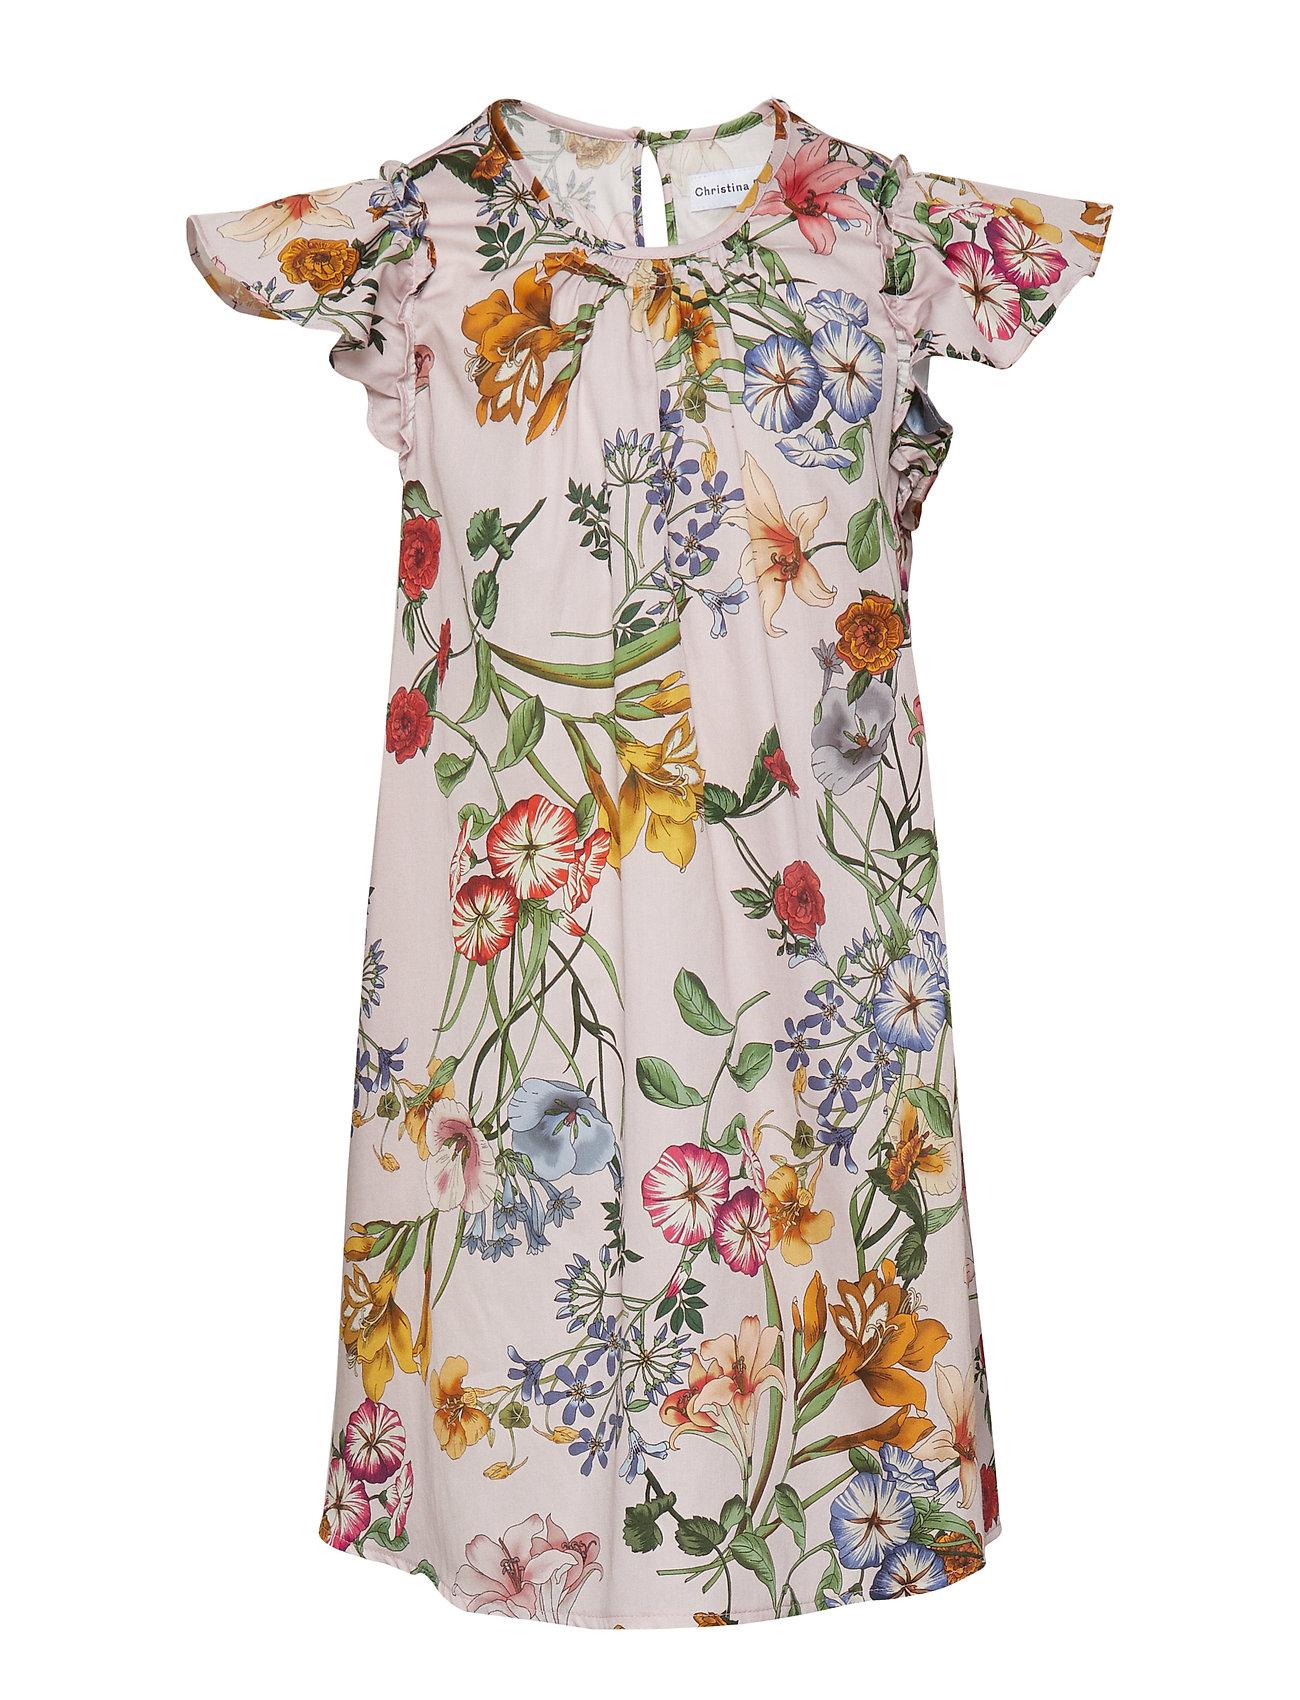 a689624f7c5 Christina Rohde kjoler – Dress No. 101 til børn i PALE ROSE MULTI ...